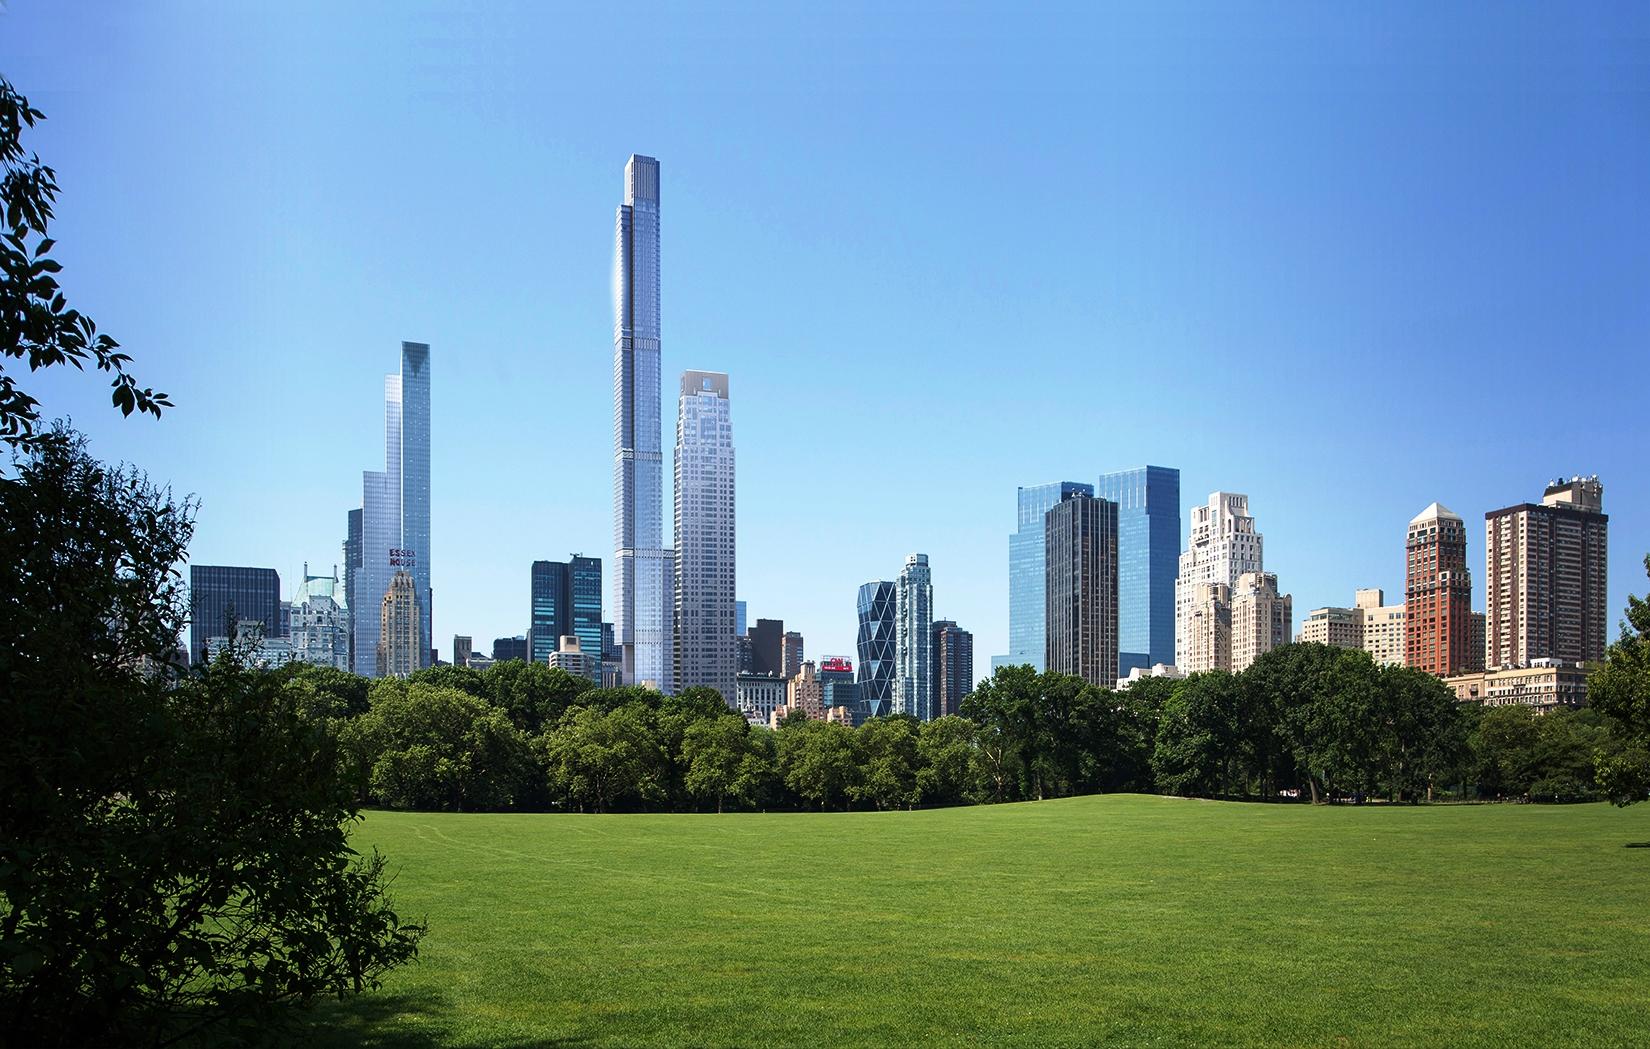 Bangunan Hunian Tertinggi di Dunia Direncanakan untuk 'Milyuner' New York